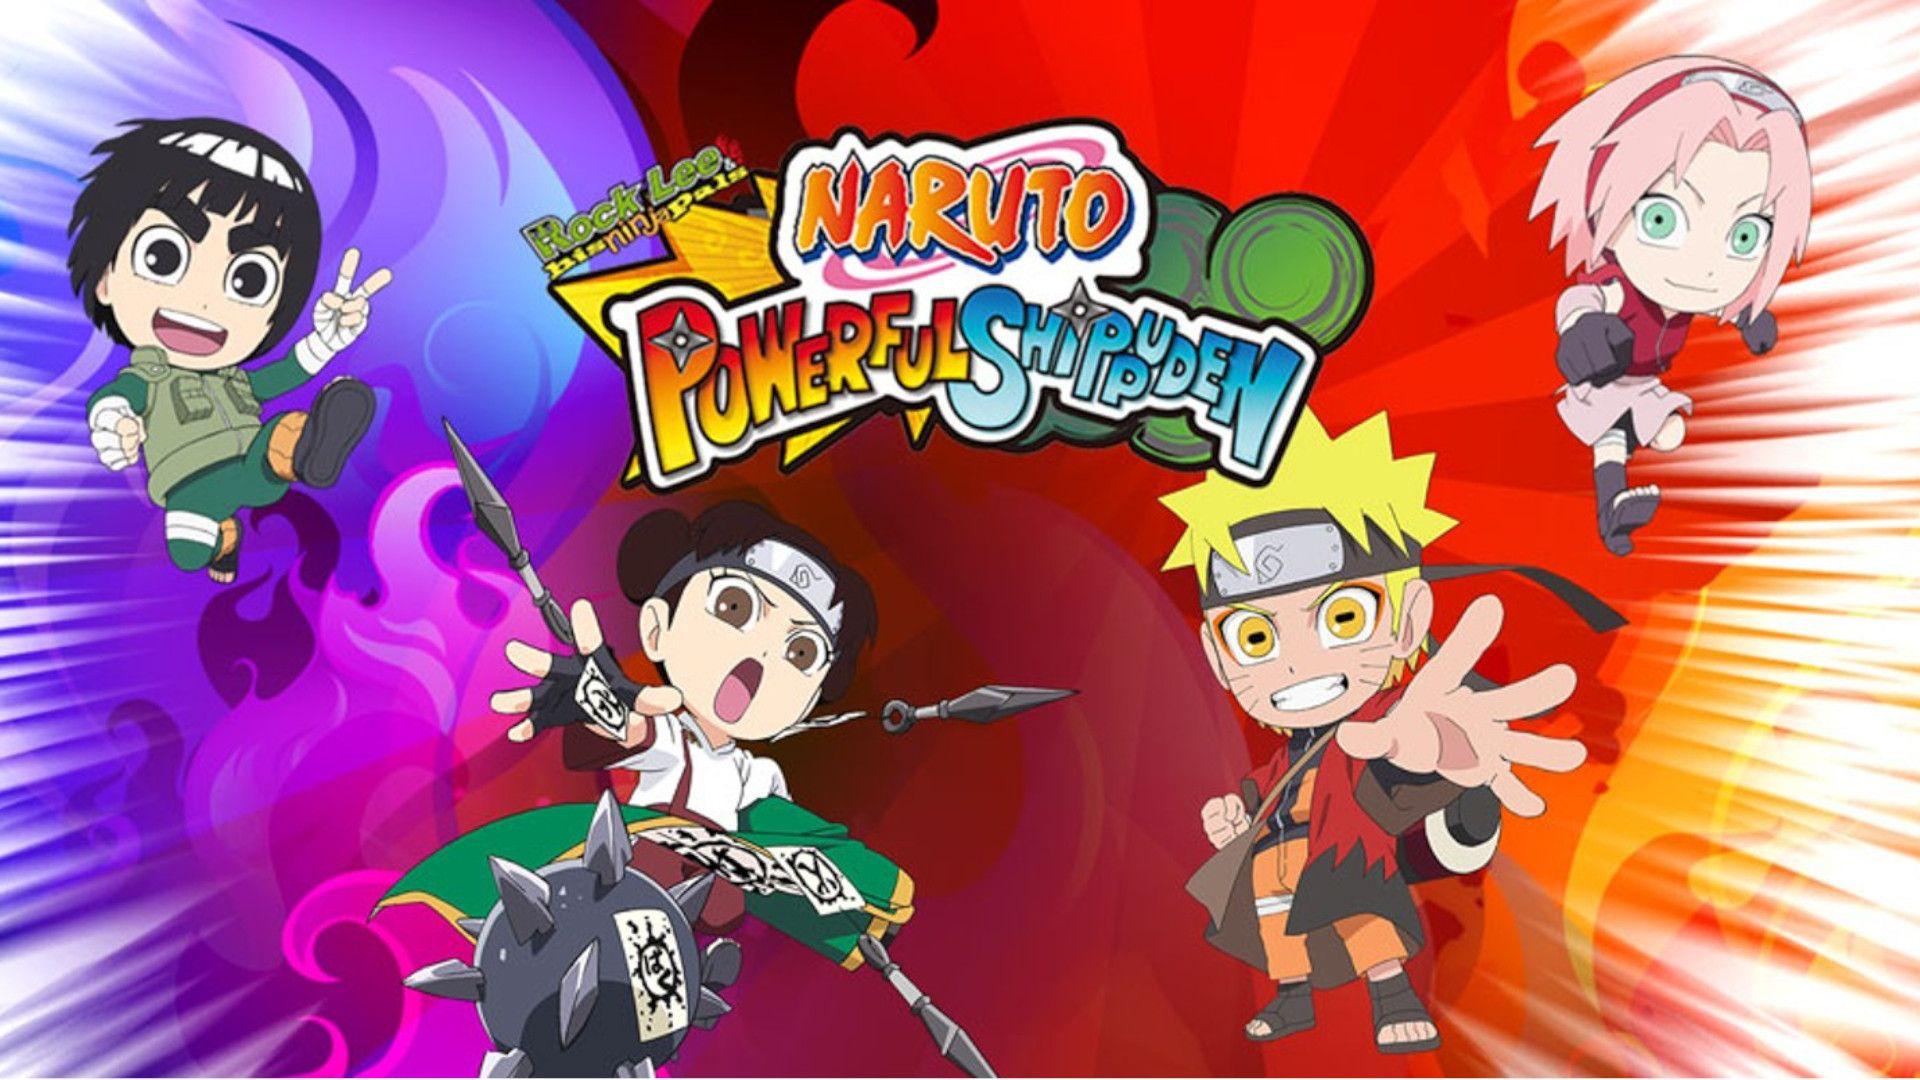 Naruto Powerful Shippuden é uma aventura leve e divertida com o Rock Lee (Foto: Divulgação/Nintendo)